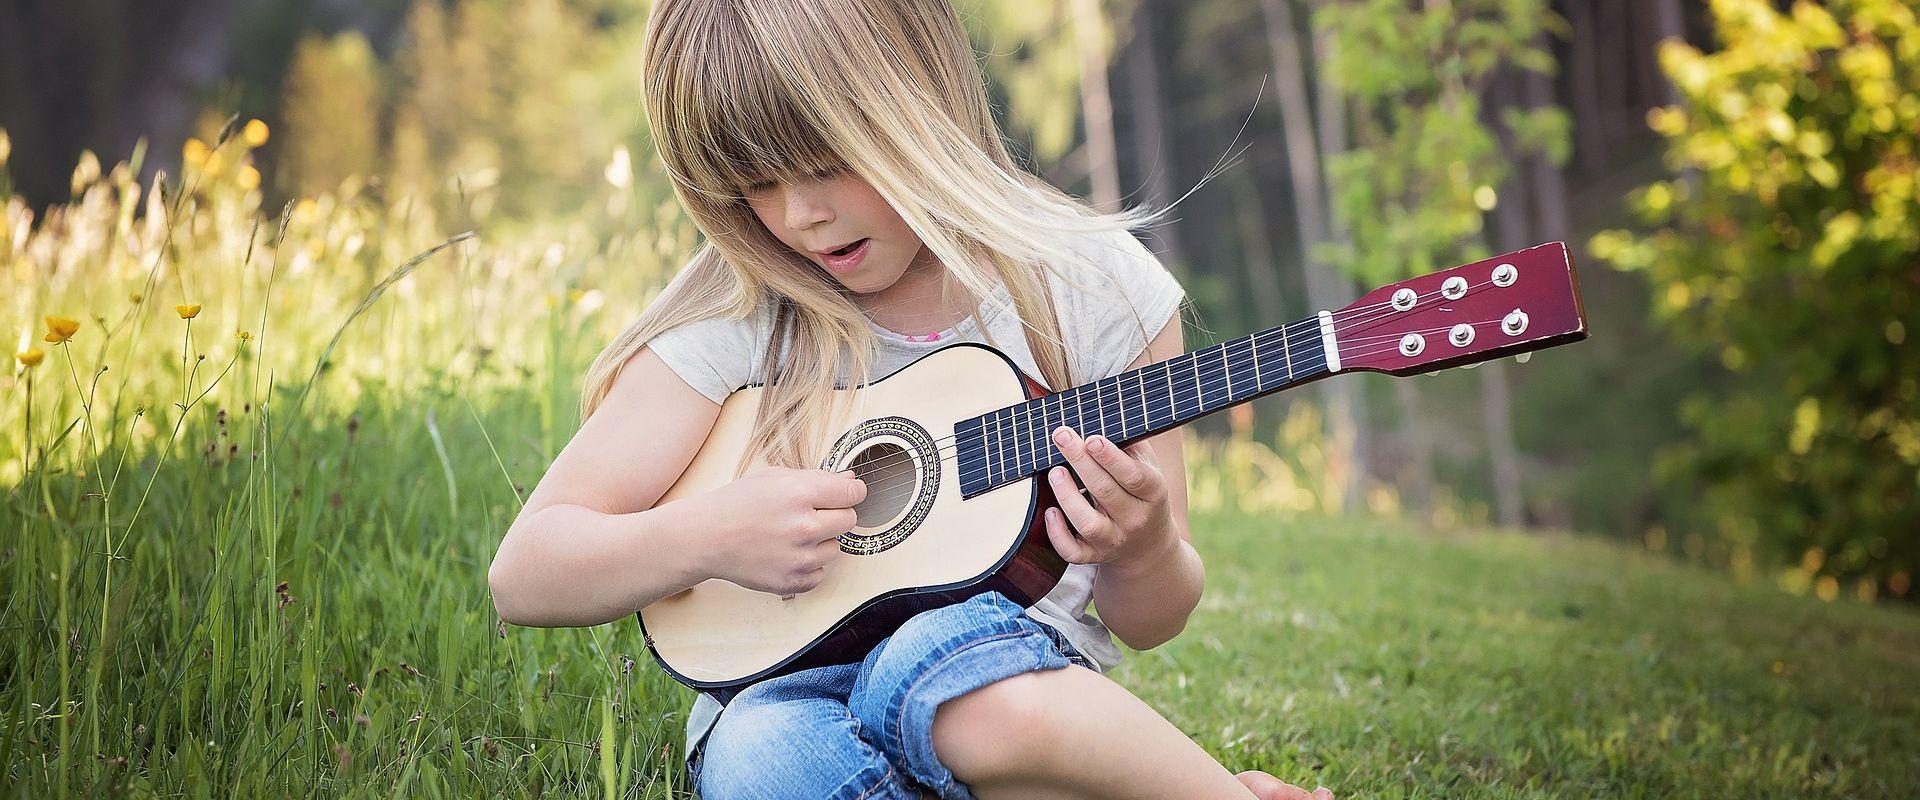 Titelbild des Blogartikels Gitarrenunterricht für Kinder: wichtige Fragen vorab geklärt